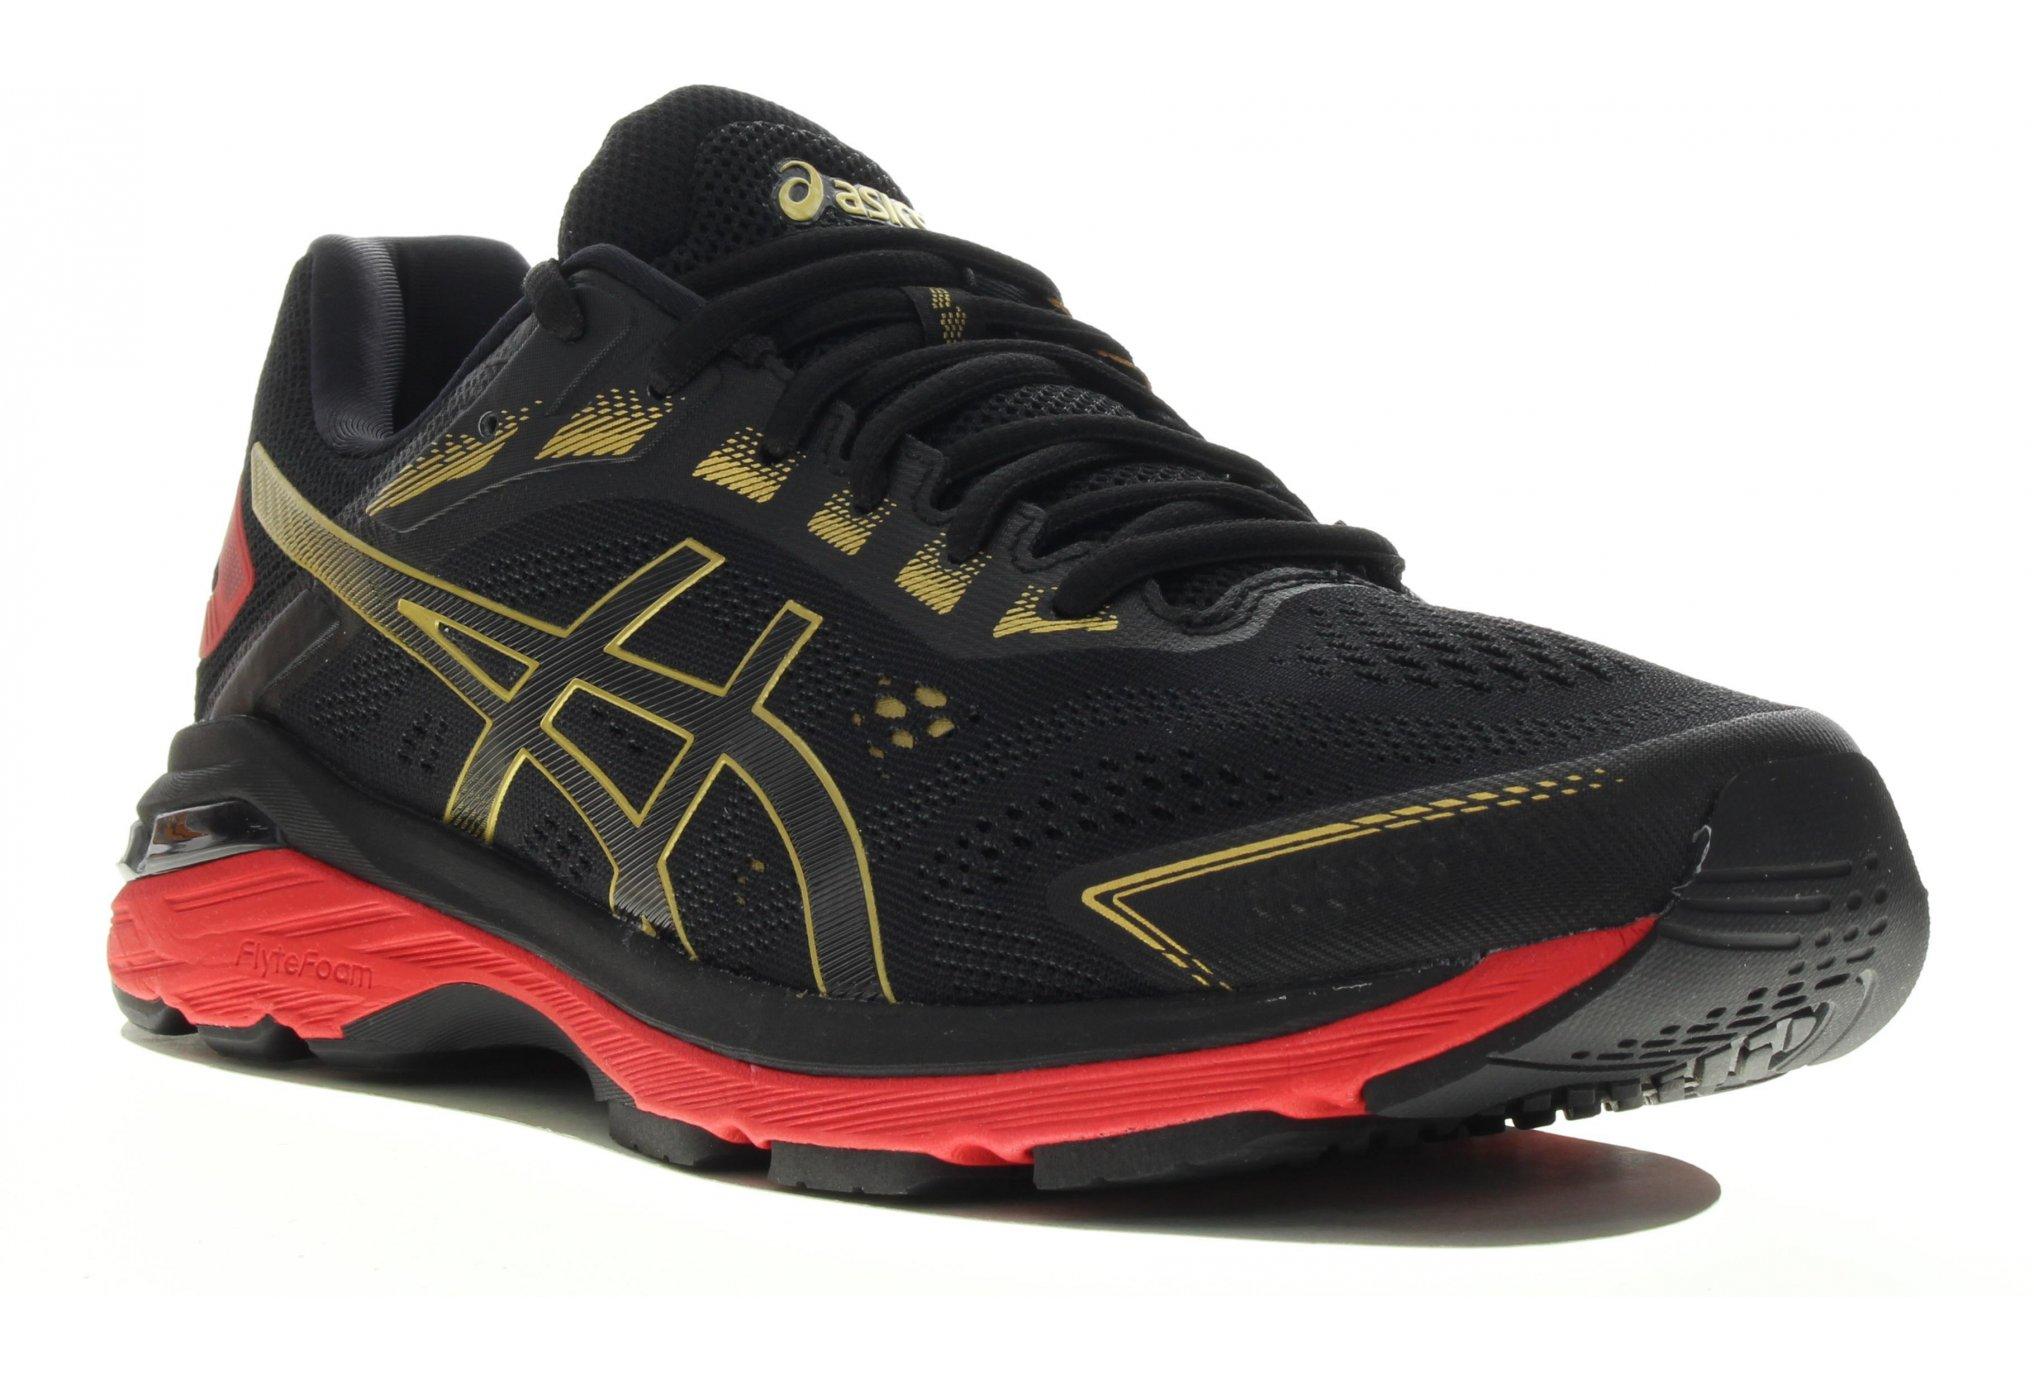 Asics GT-2000 7 Mugen M Chaussures homme